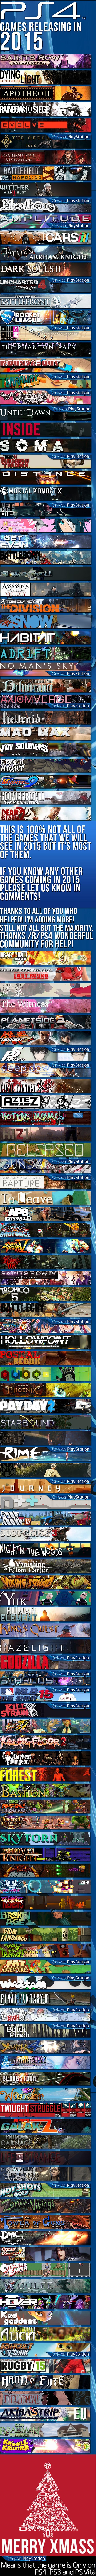 Playstation 4 на 2015 год - Изображение 1